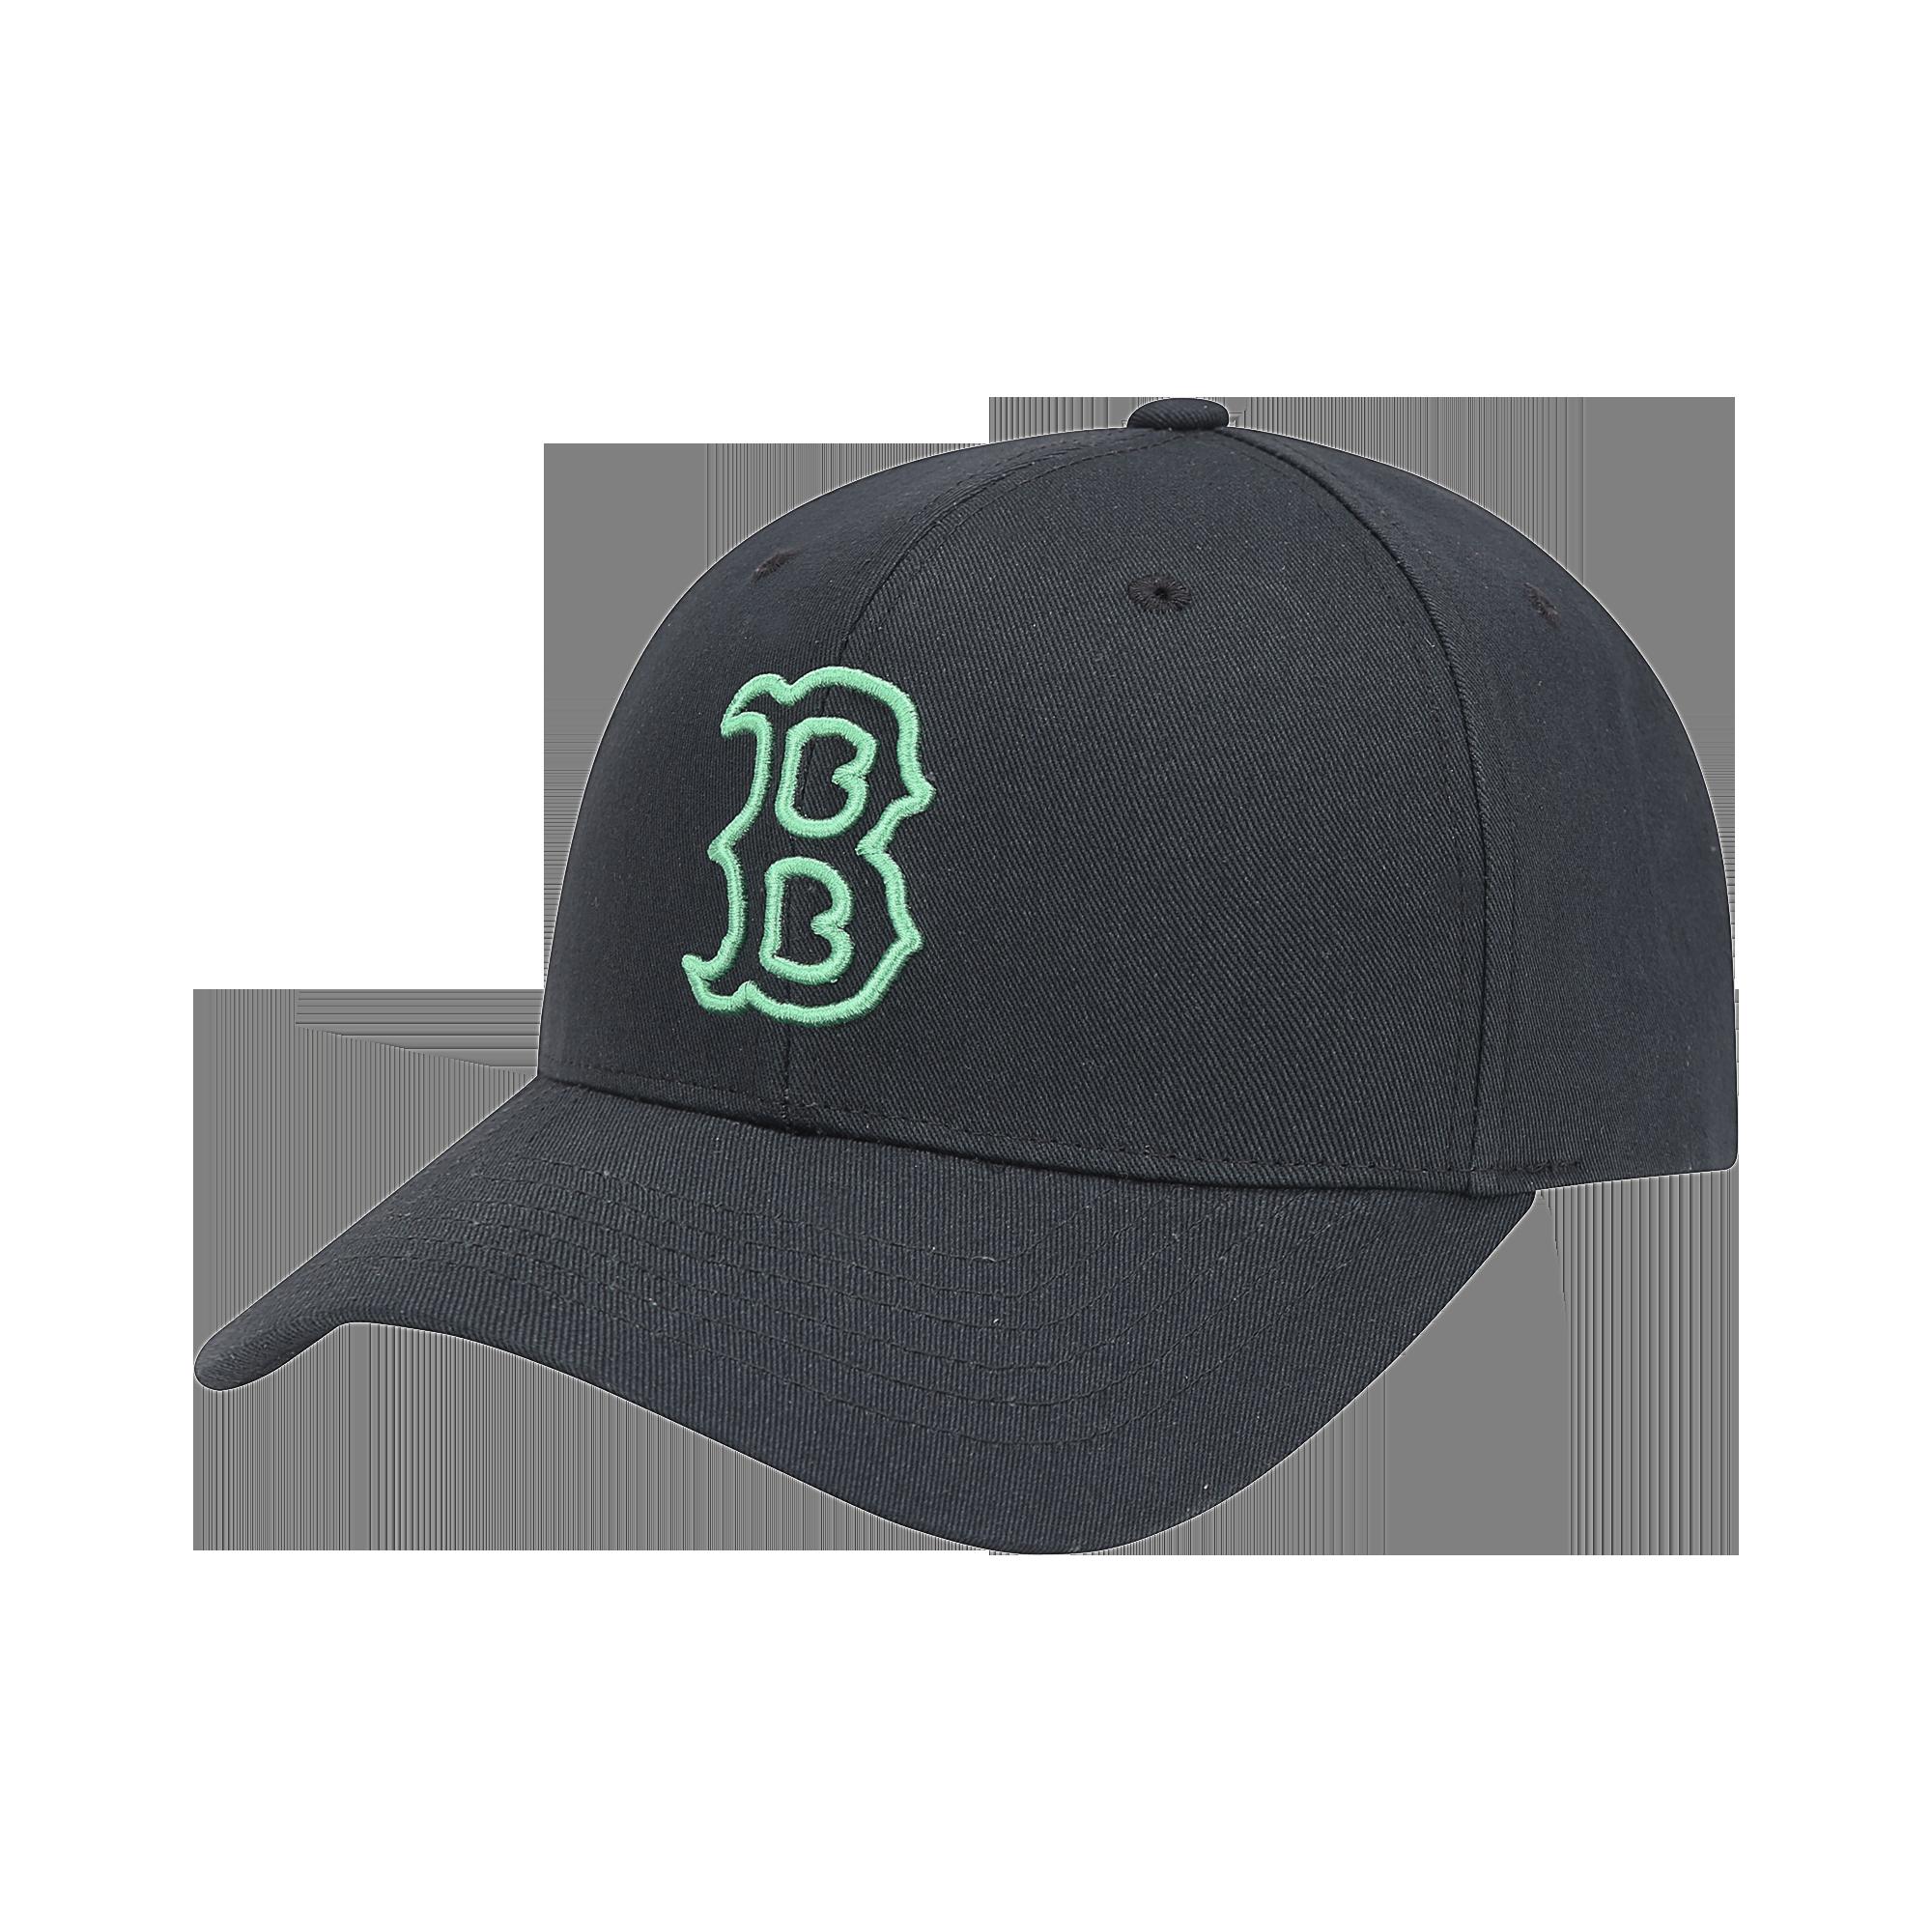 팝콘 MLB LIKE 커브조절캡 보스턴 레드삭스